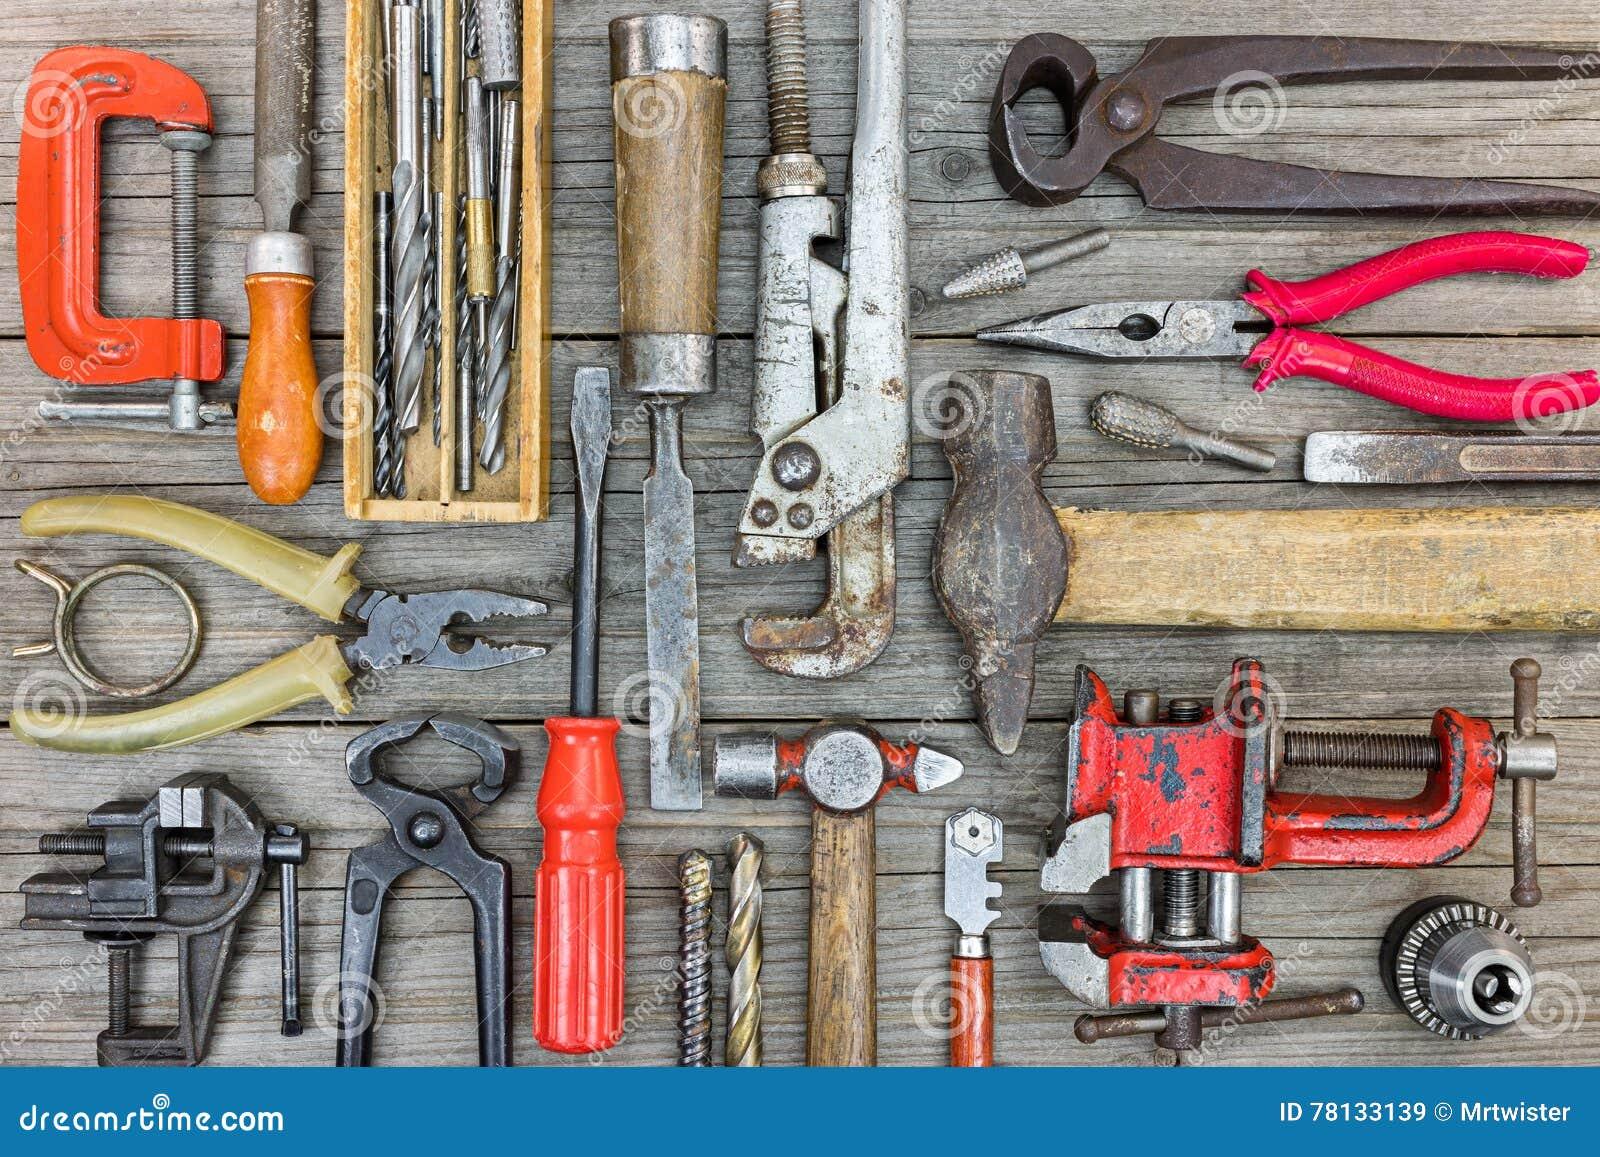 7efb38a6b937c Ensemble de vieux outils et matériel rouillés pour le travail manuel sur le  bois gris